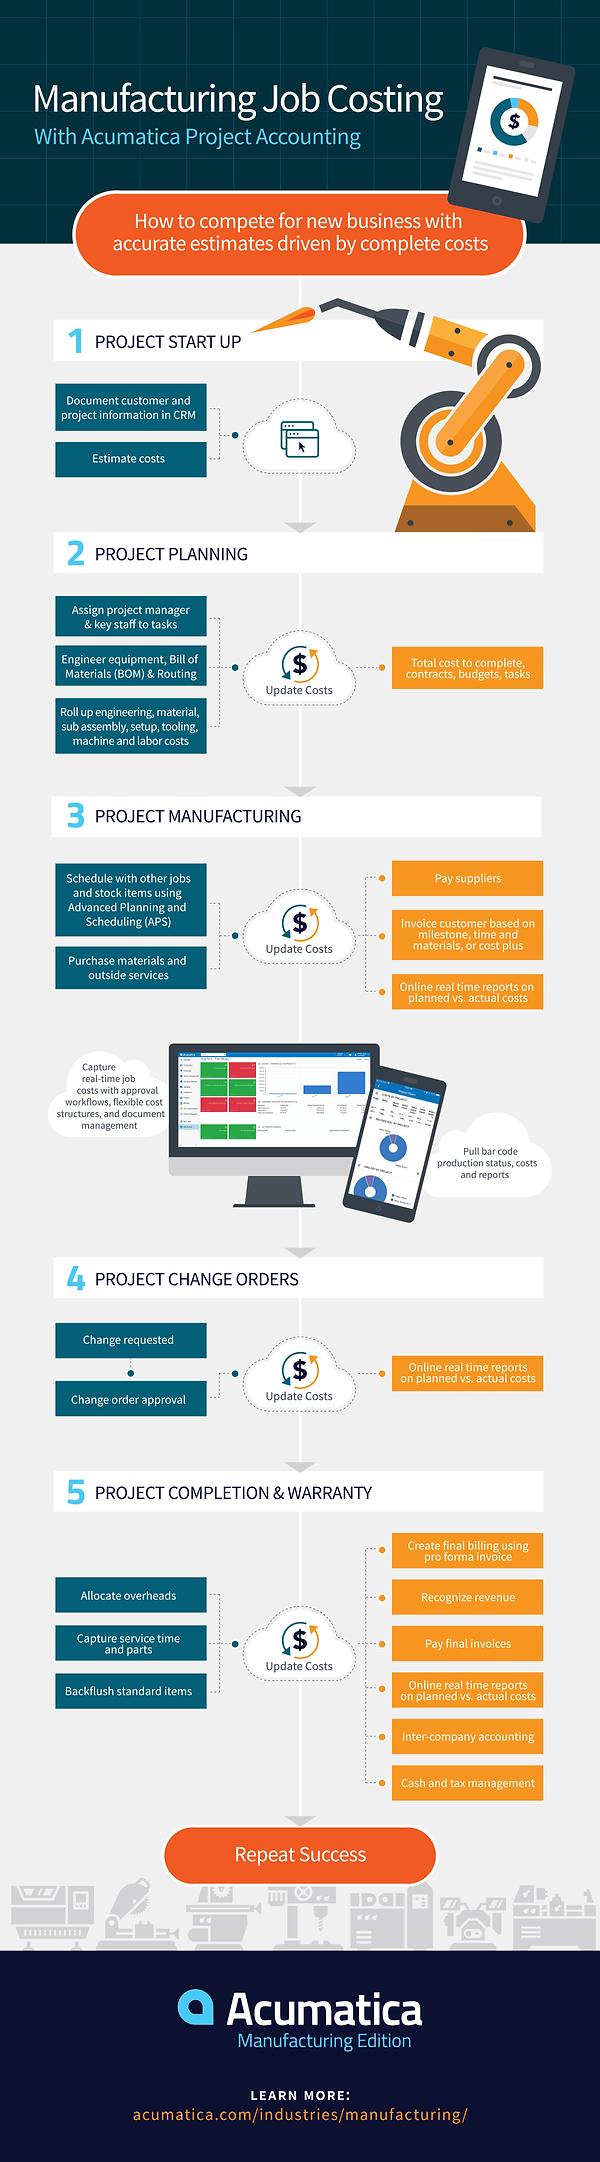 Acumatica-Manufacturing-Job-Costing-Info